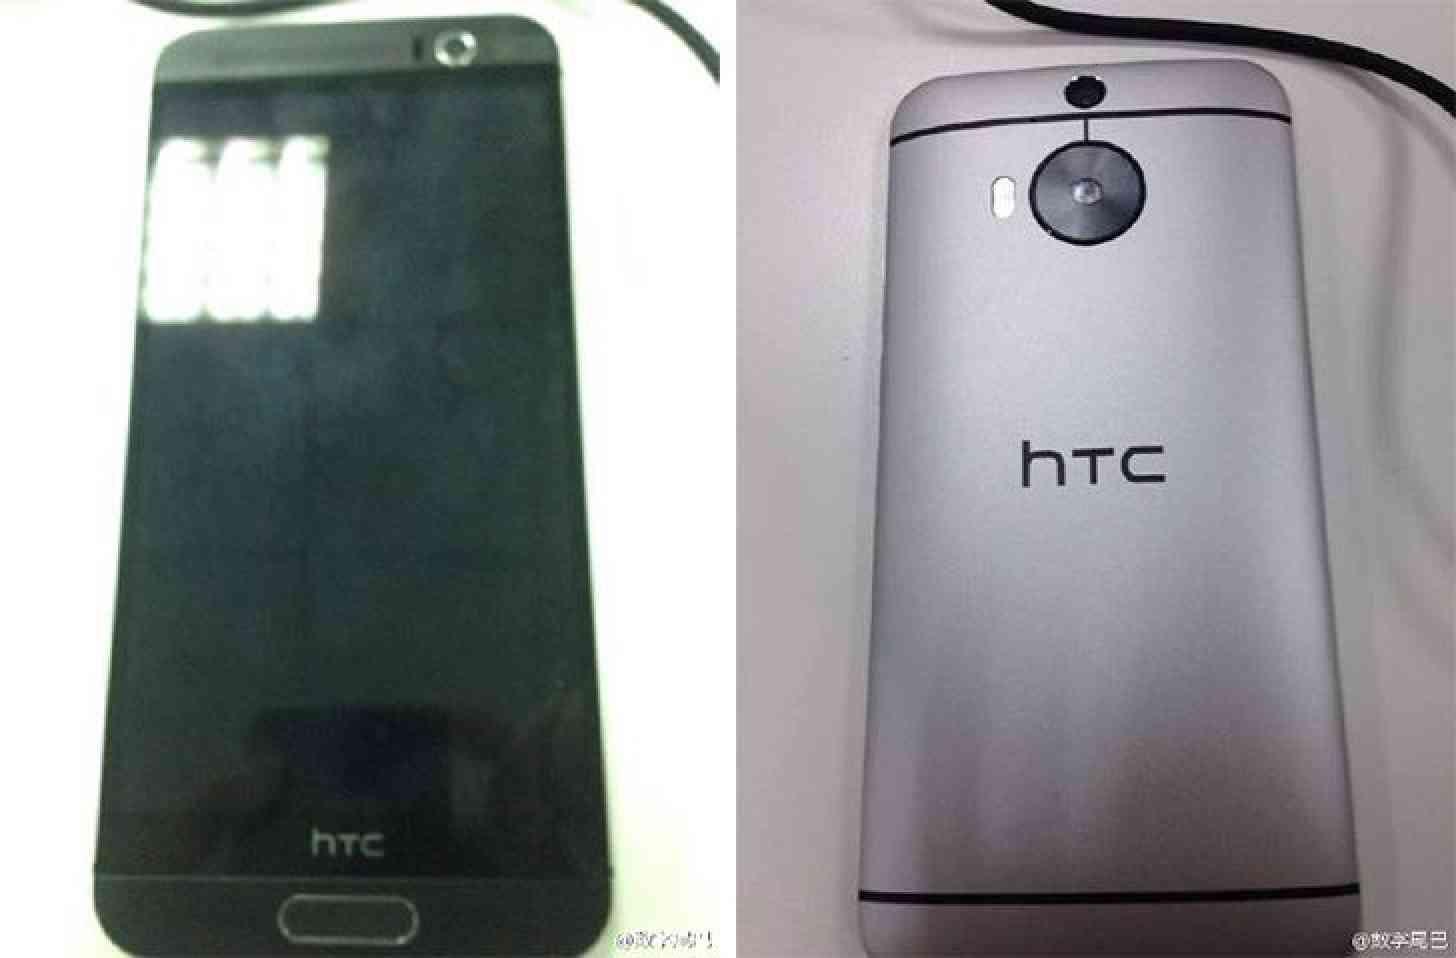 HTC One (M9) Plus images leak